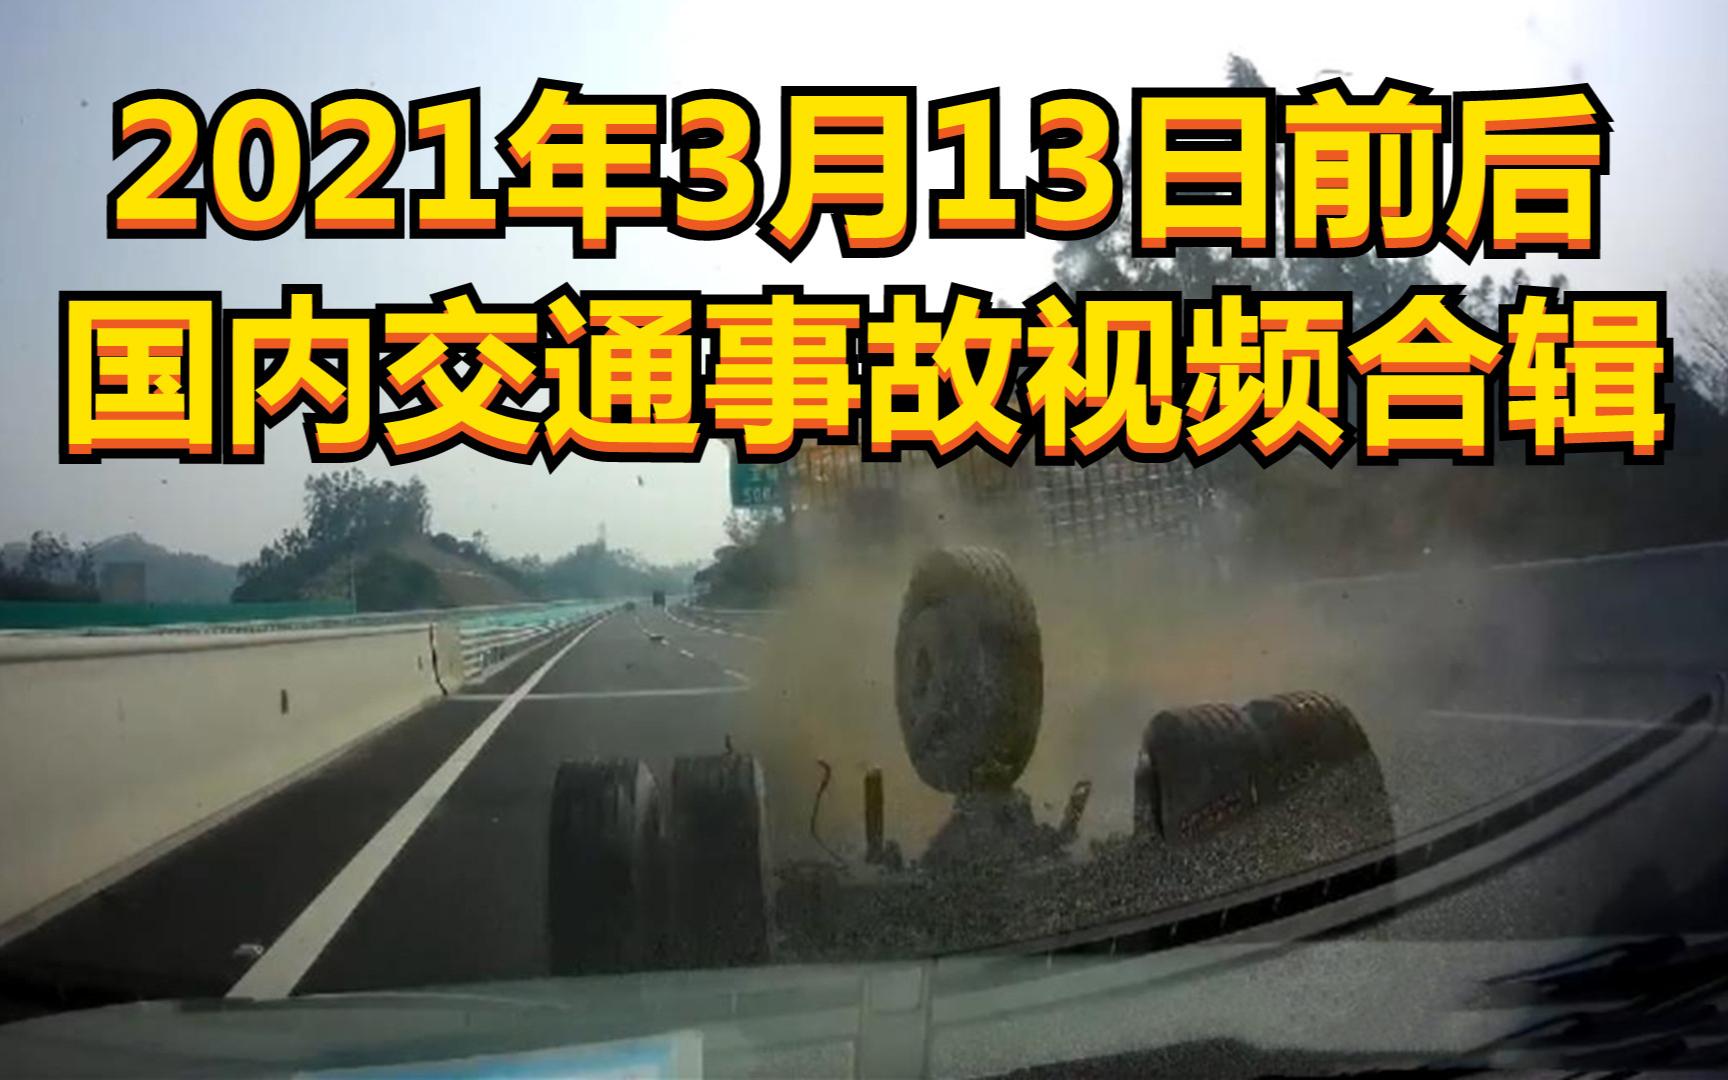 2021年3月13日前后国内交通事故视频合辑